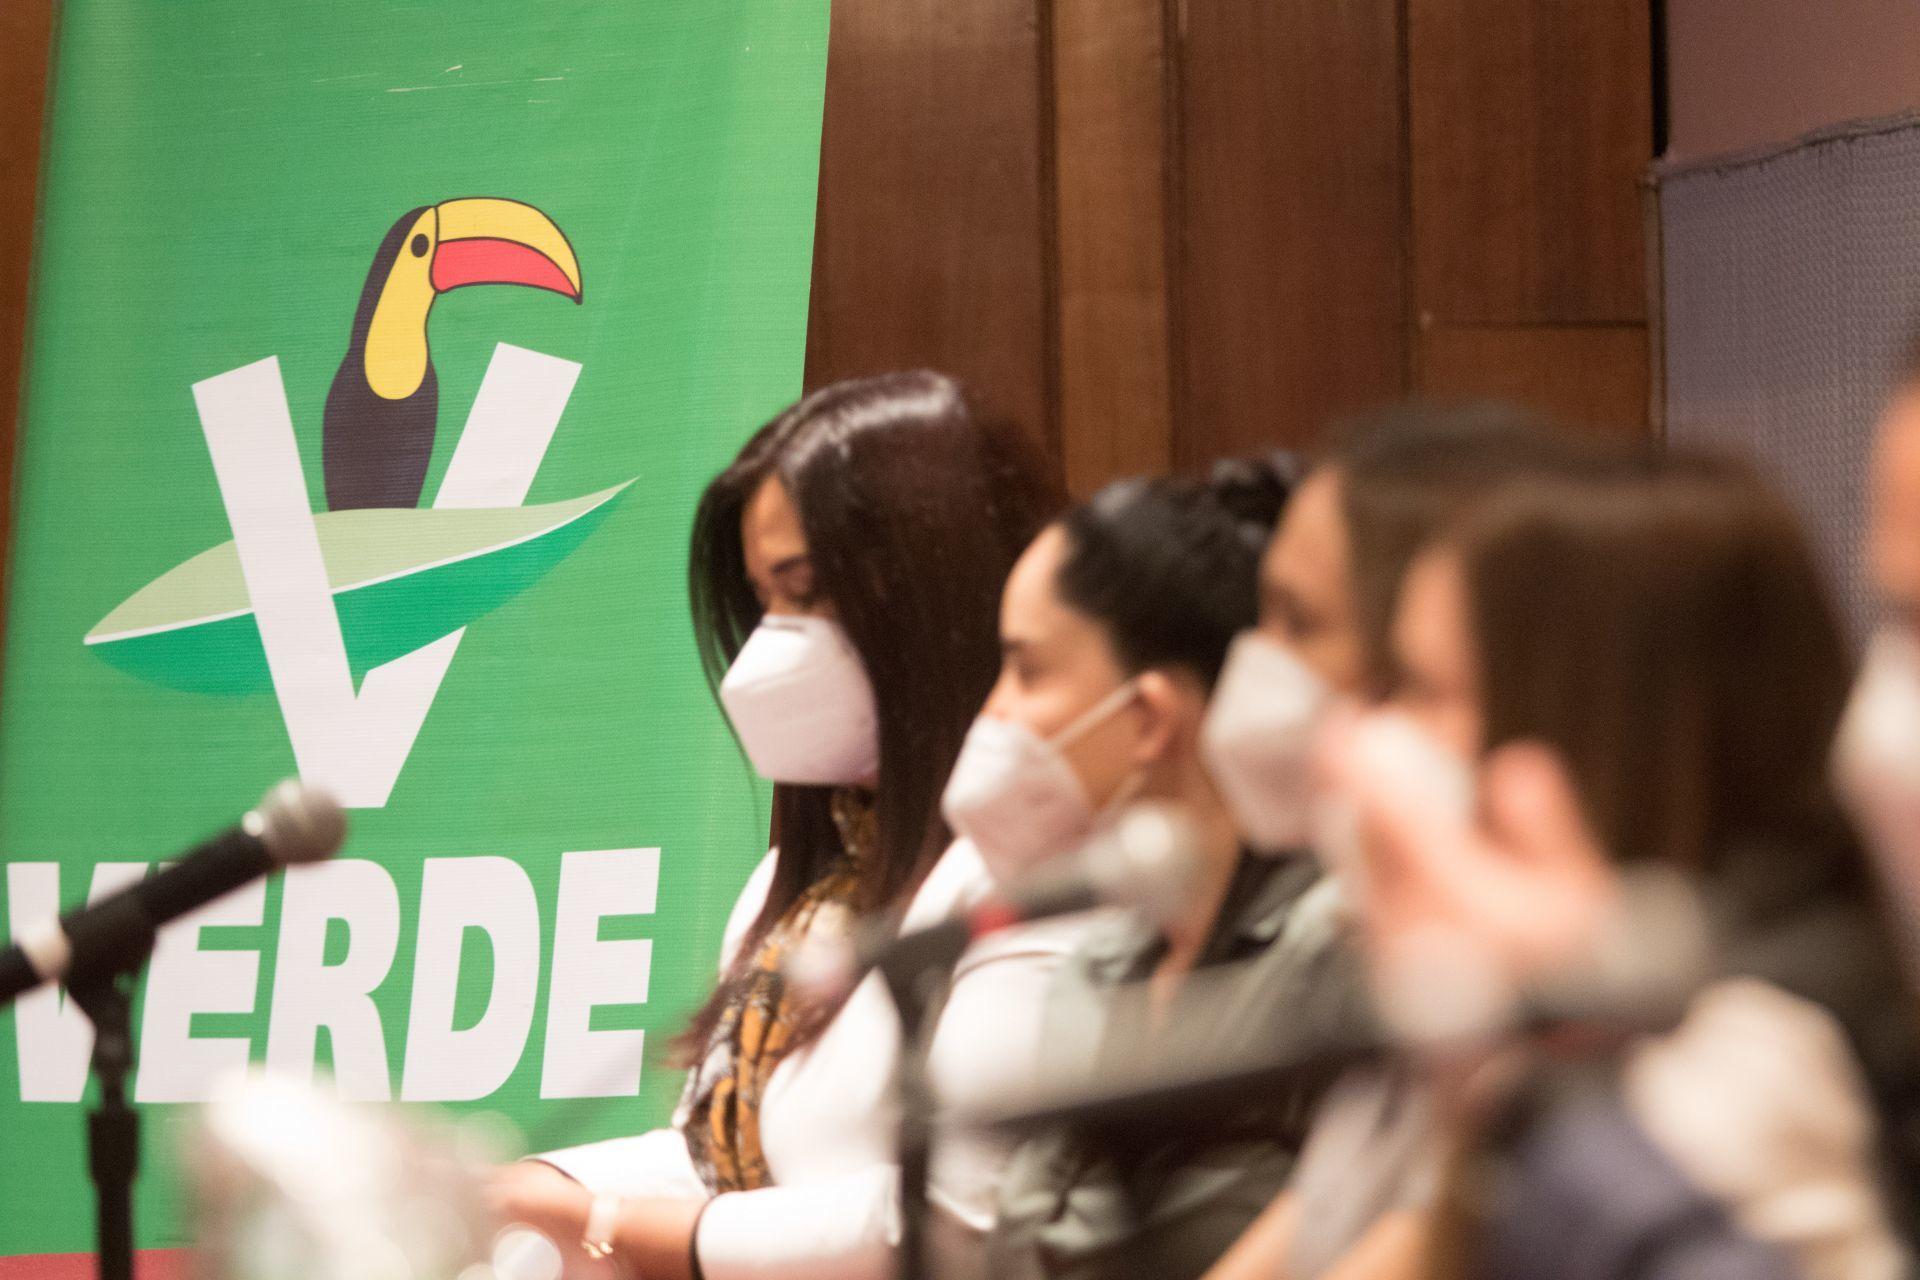 CIUDAD DE MÉXICO, 03DICIEMBRE2020.- Angélica Escobar, dirigente nacional del Partido Verde Ecologista de México (PVEM), dio a conocer a los integrantes de su equipo de trabajo, ahí anunció que su partido competirá en 11 entidades por propia cuenta, mientras que en alianza con morena solo irá en 4 entidades, entre ellas Nuevo León,donde ya firmaron el convenio.